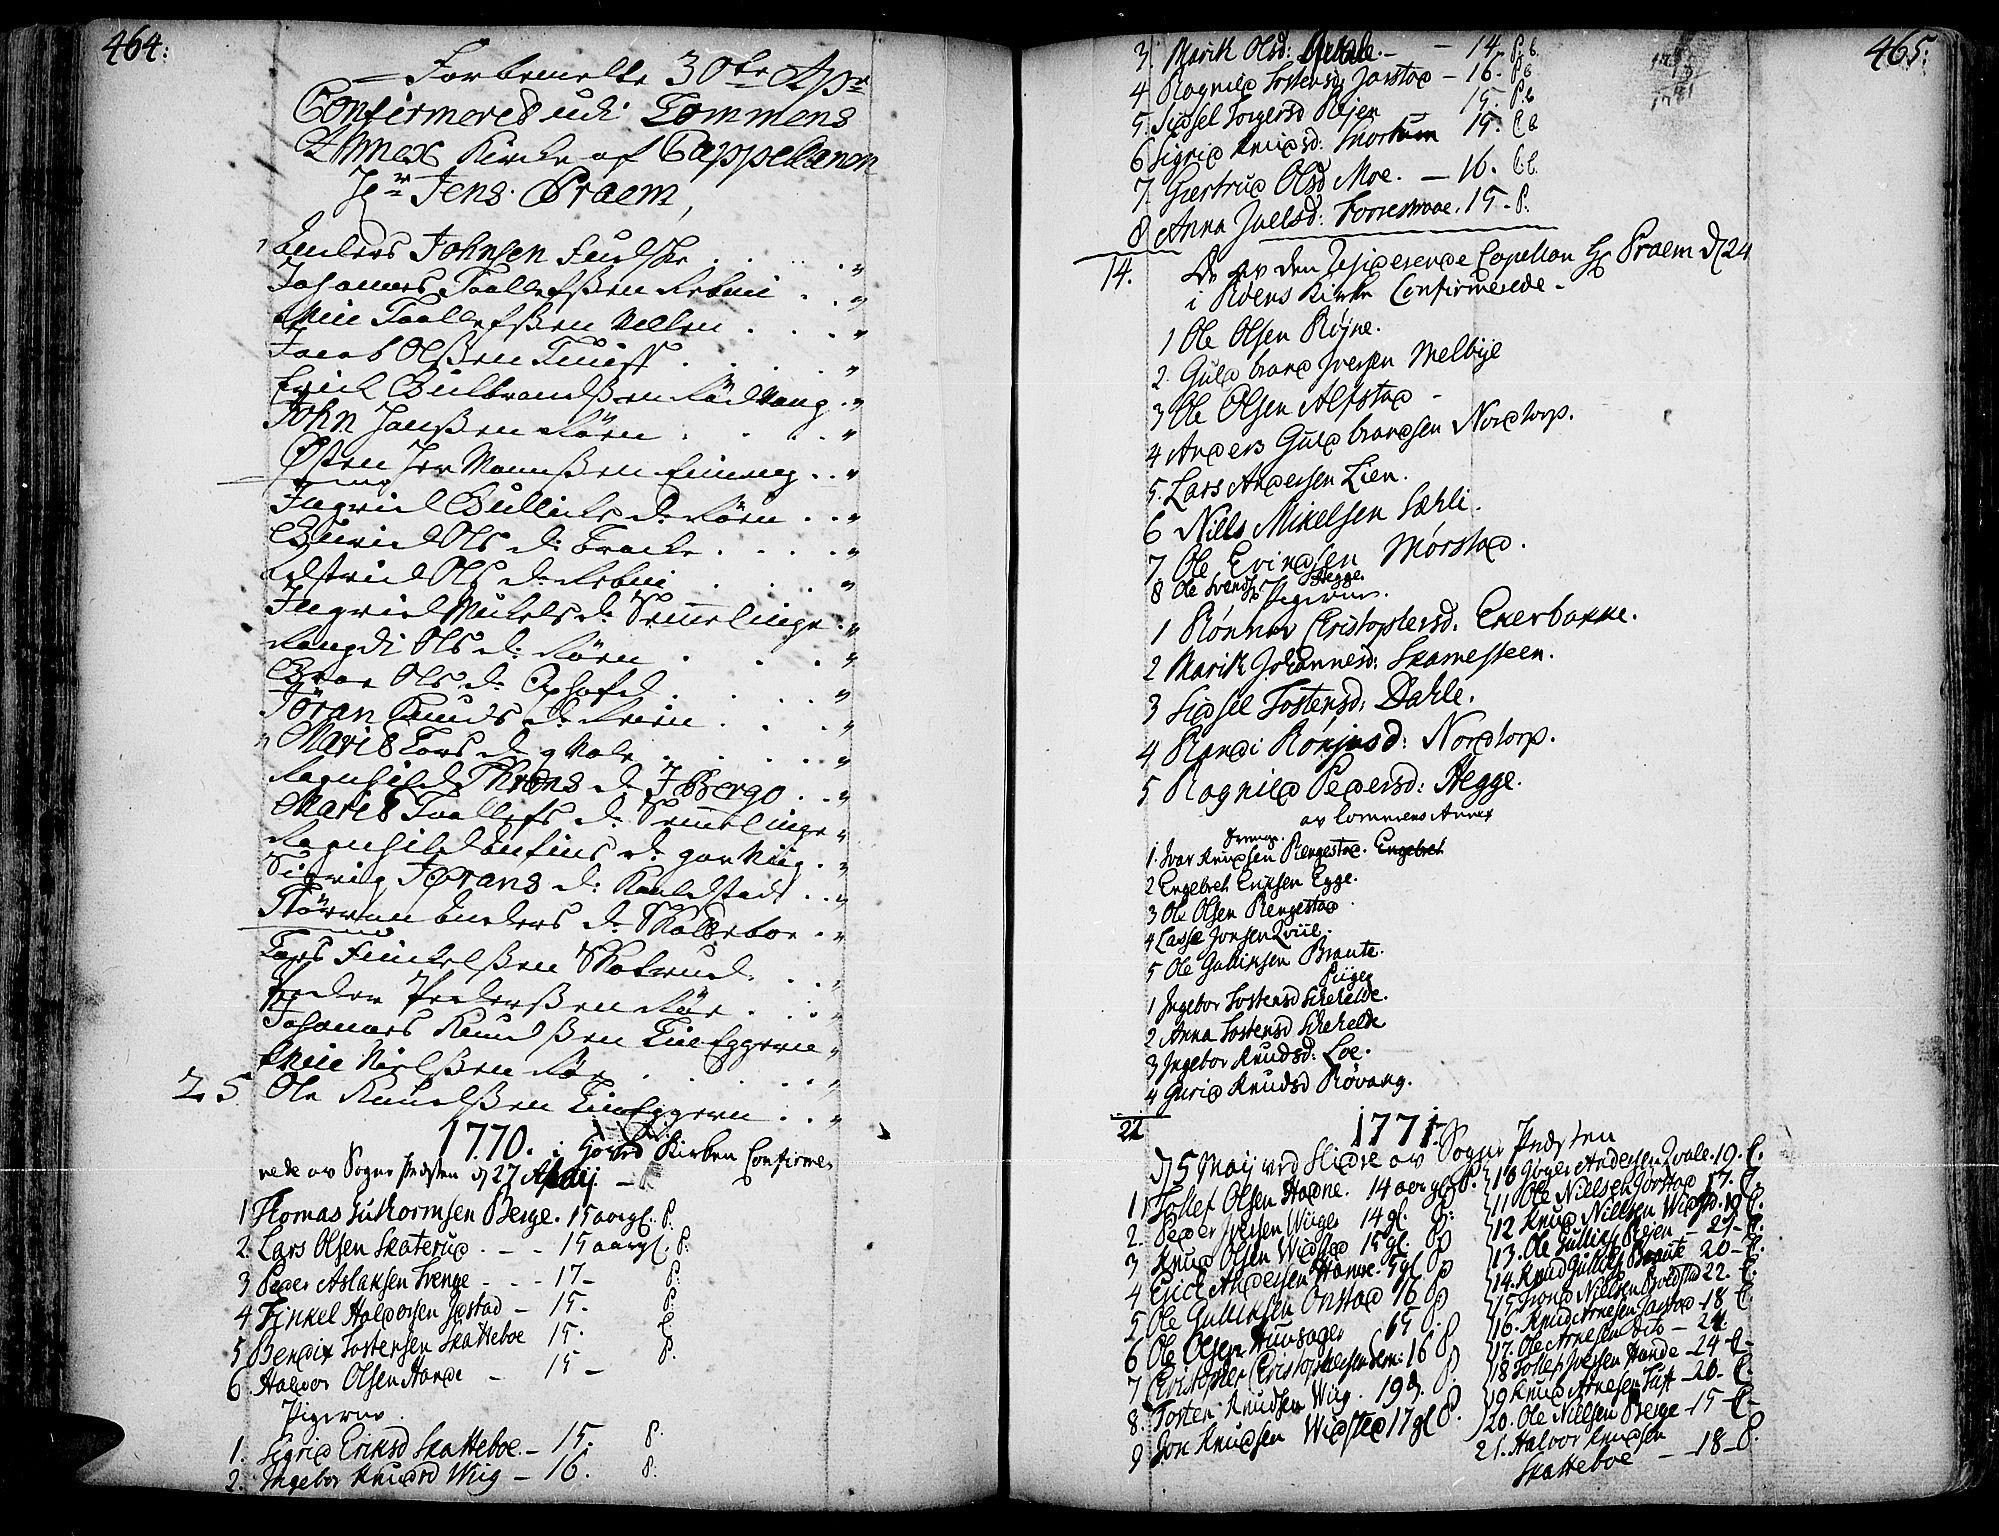 SAH, Slidre prestekontor, Ministerialbok nr. 1, 1724-1814, s. 464-465